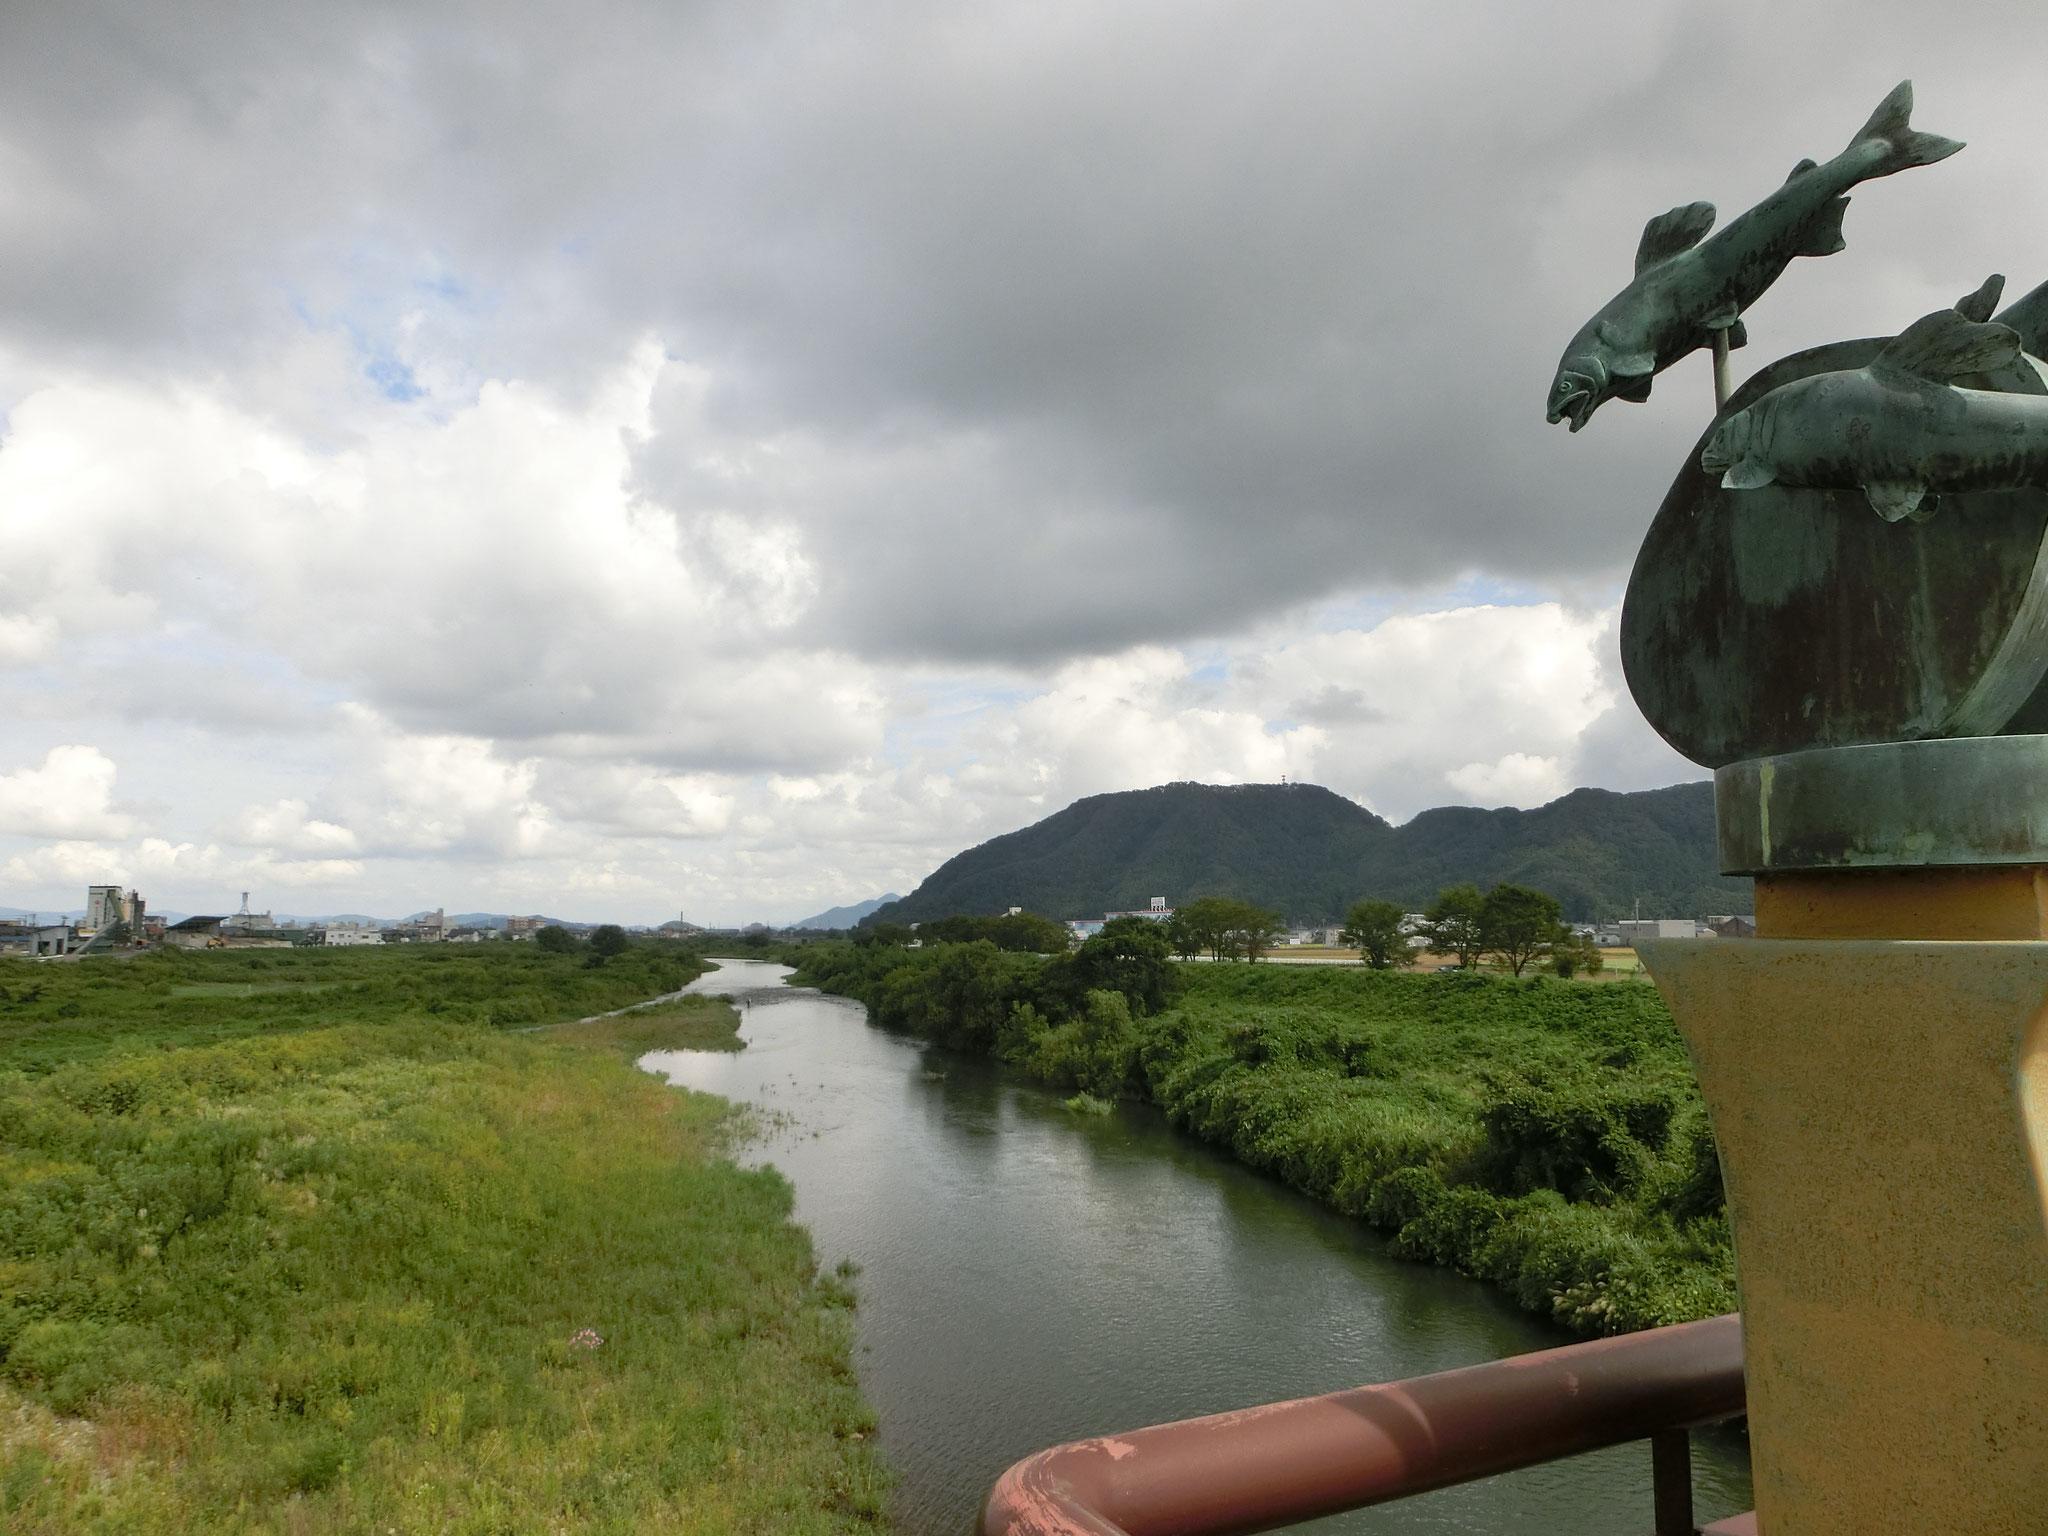 H28.9.14 11時10分 越前市 日野大橋下流